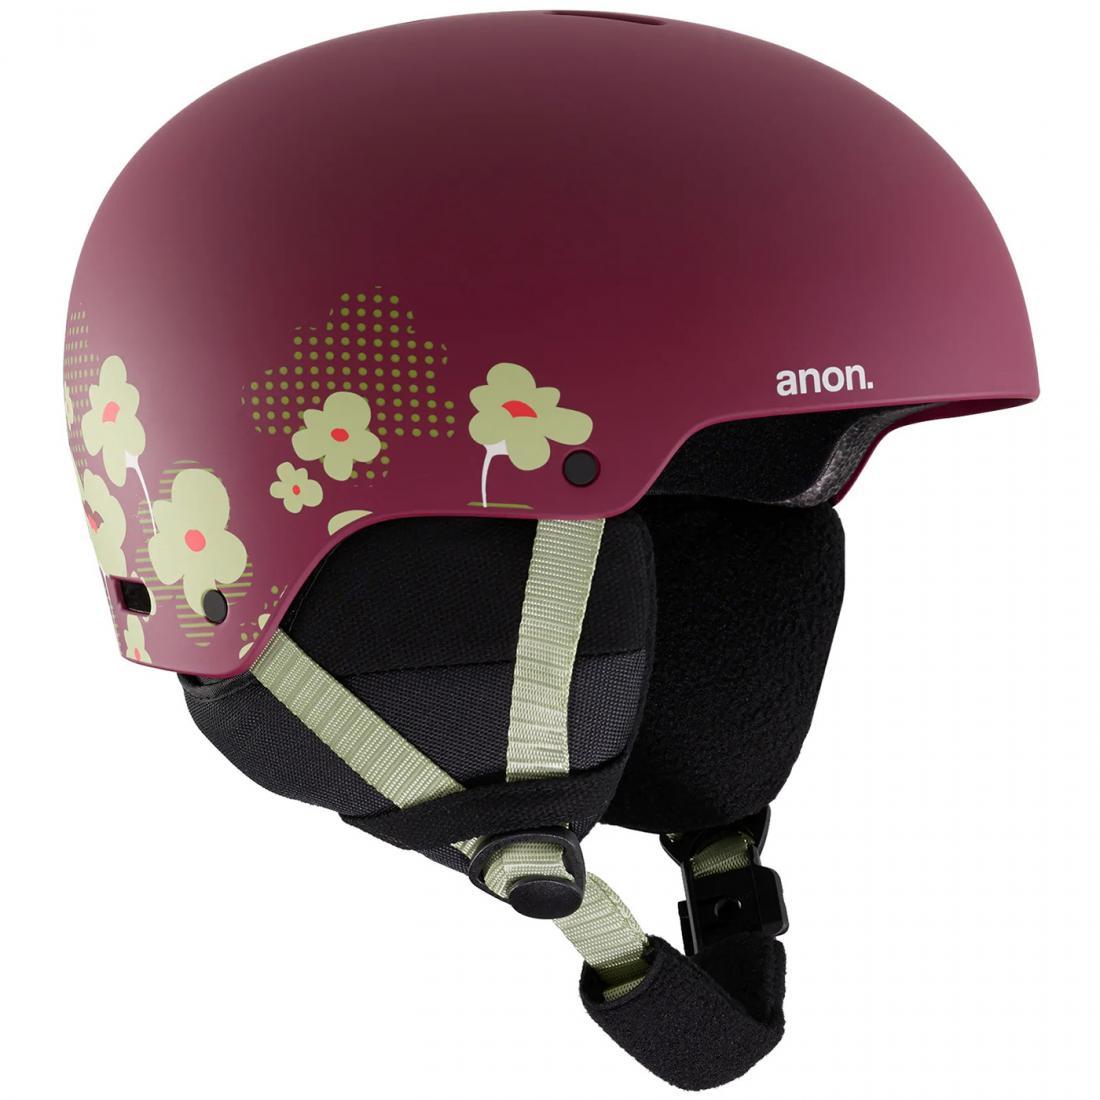 Шлем для сноуборда детский Anon Rime 3 Helmet купить в Boardshop №1